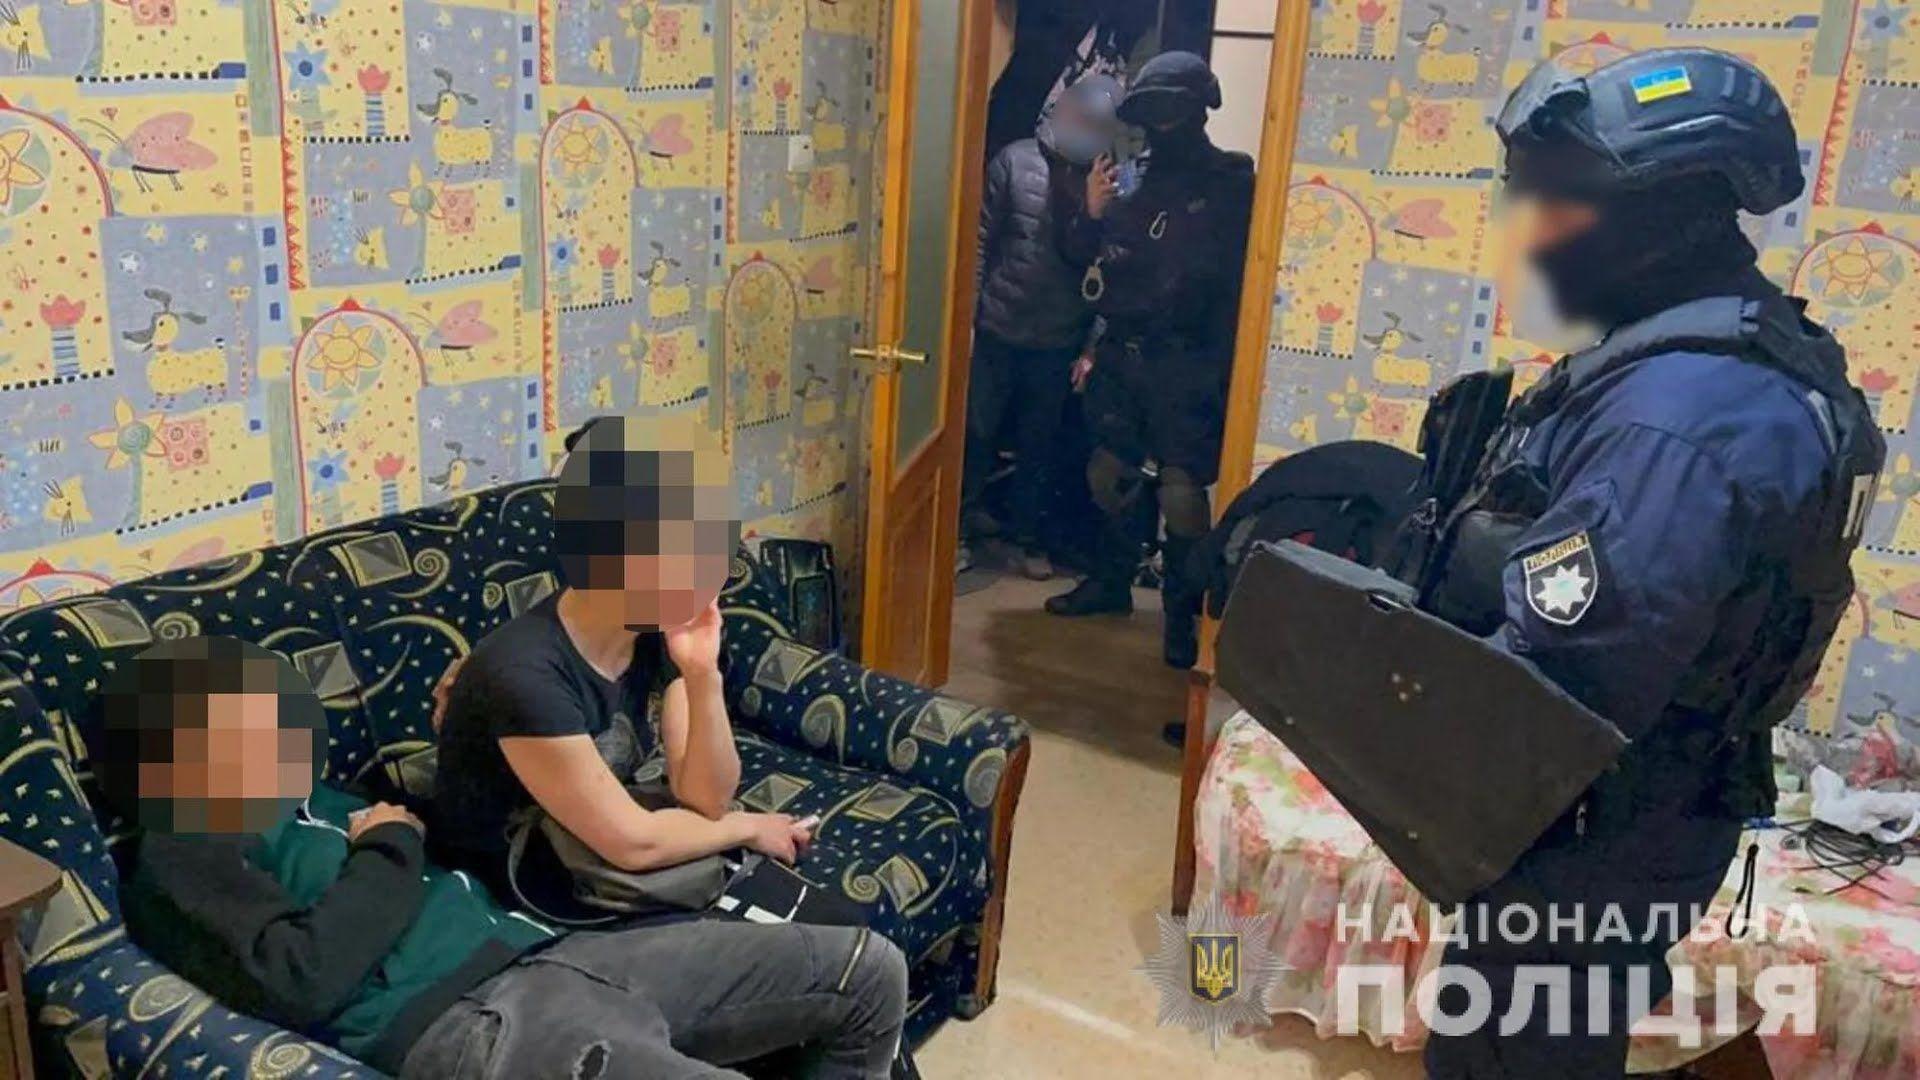 Поліція провела обшук вдома у підозрюваного у подвійному вбивстві в Харкові